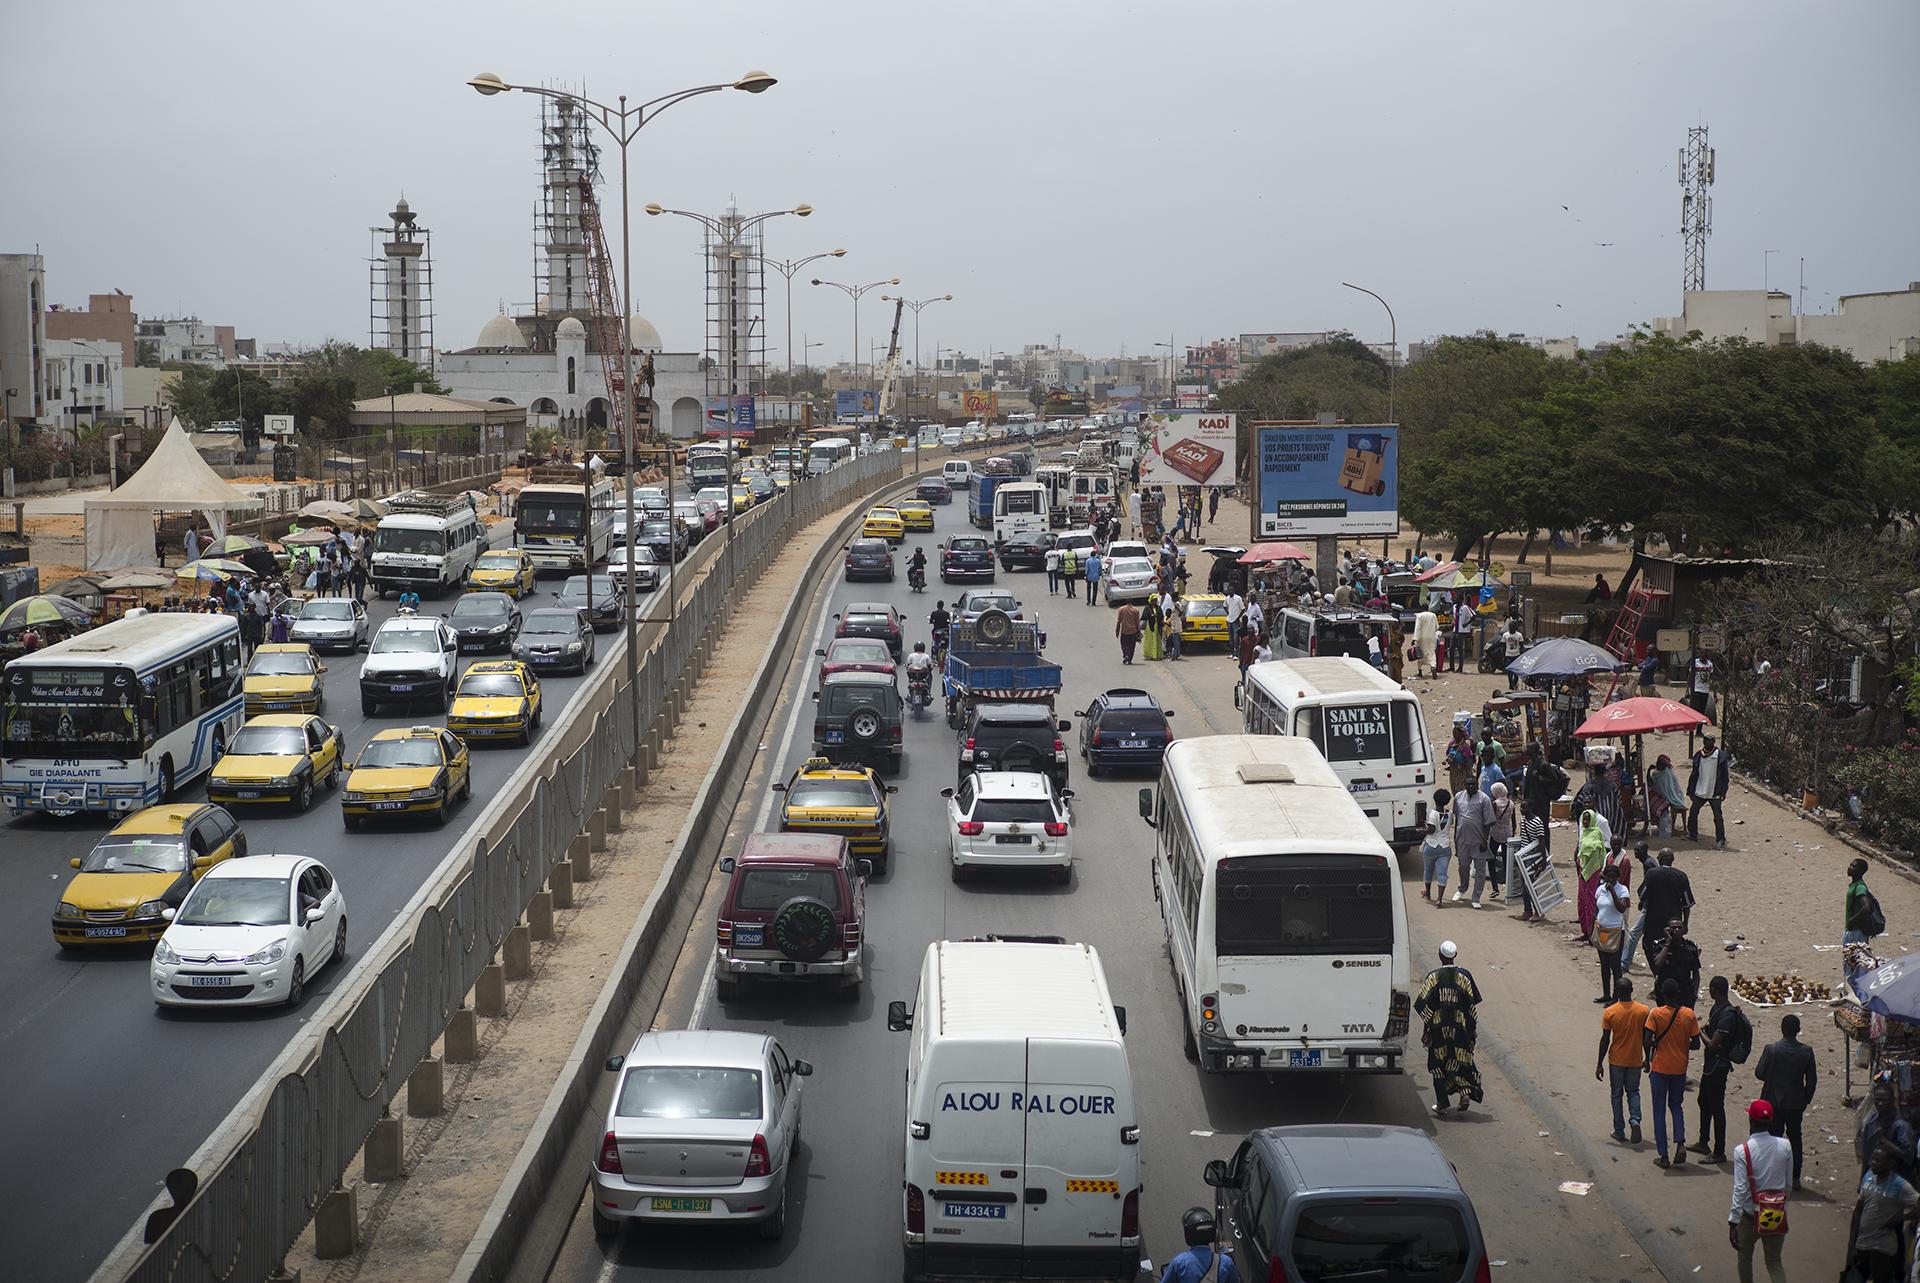 Circulation routière à Dakar, Sénégal. Mai 2017Dakar est le centre névralgique du Sénégal. Avec moins de 0,3 % du territoire national, la région de Dakar abrite plus de 66 % de l'activité économique du pays et près de 25 % de la population sénégalaise. Selon les dernières estimations la population dakaroise est estimée à plus de trois millions d'habitants.